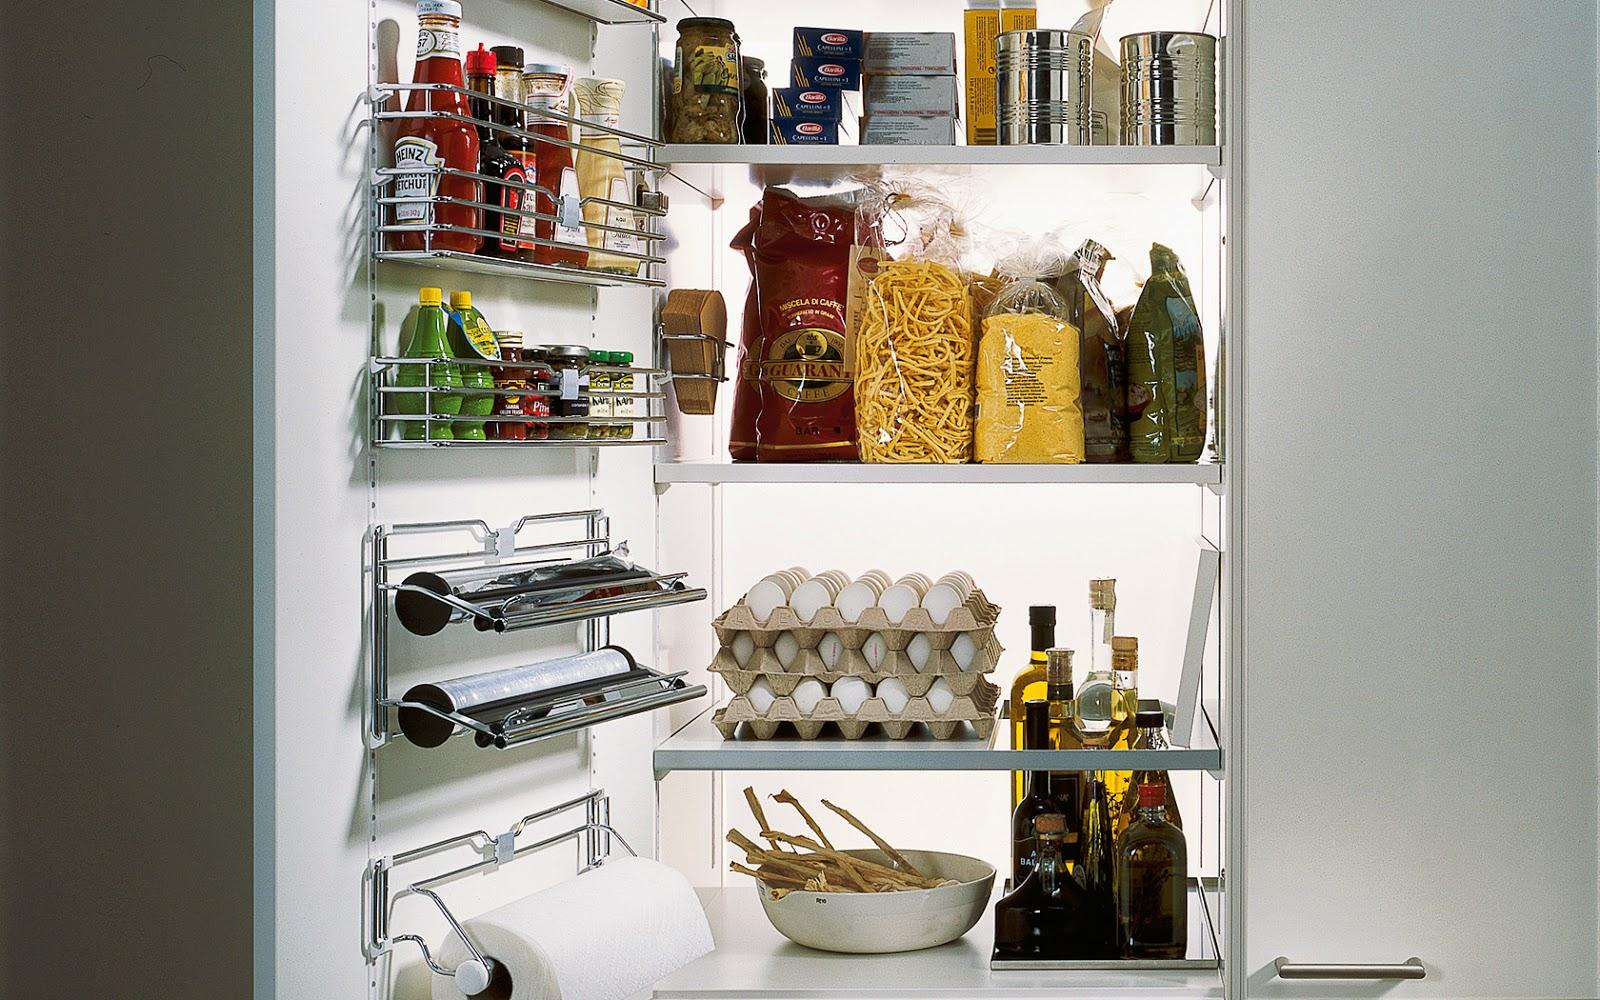 Accesorios Para Cocina Mueble Pisos Organizador Cocina Bao No  ~ Accesorios Interior Armarios Cocina